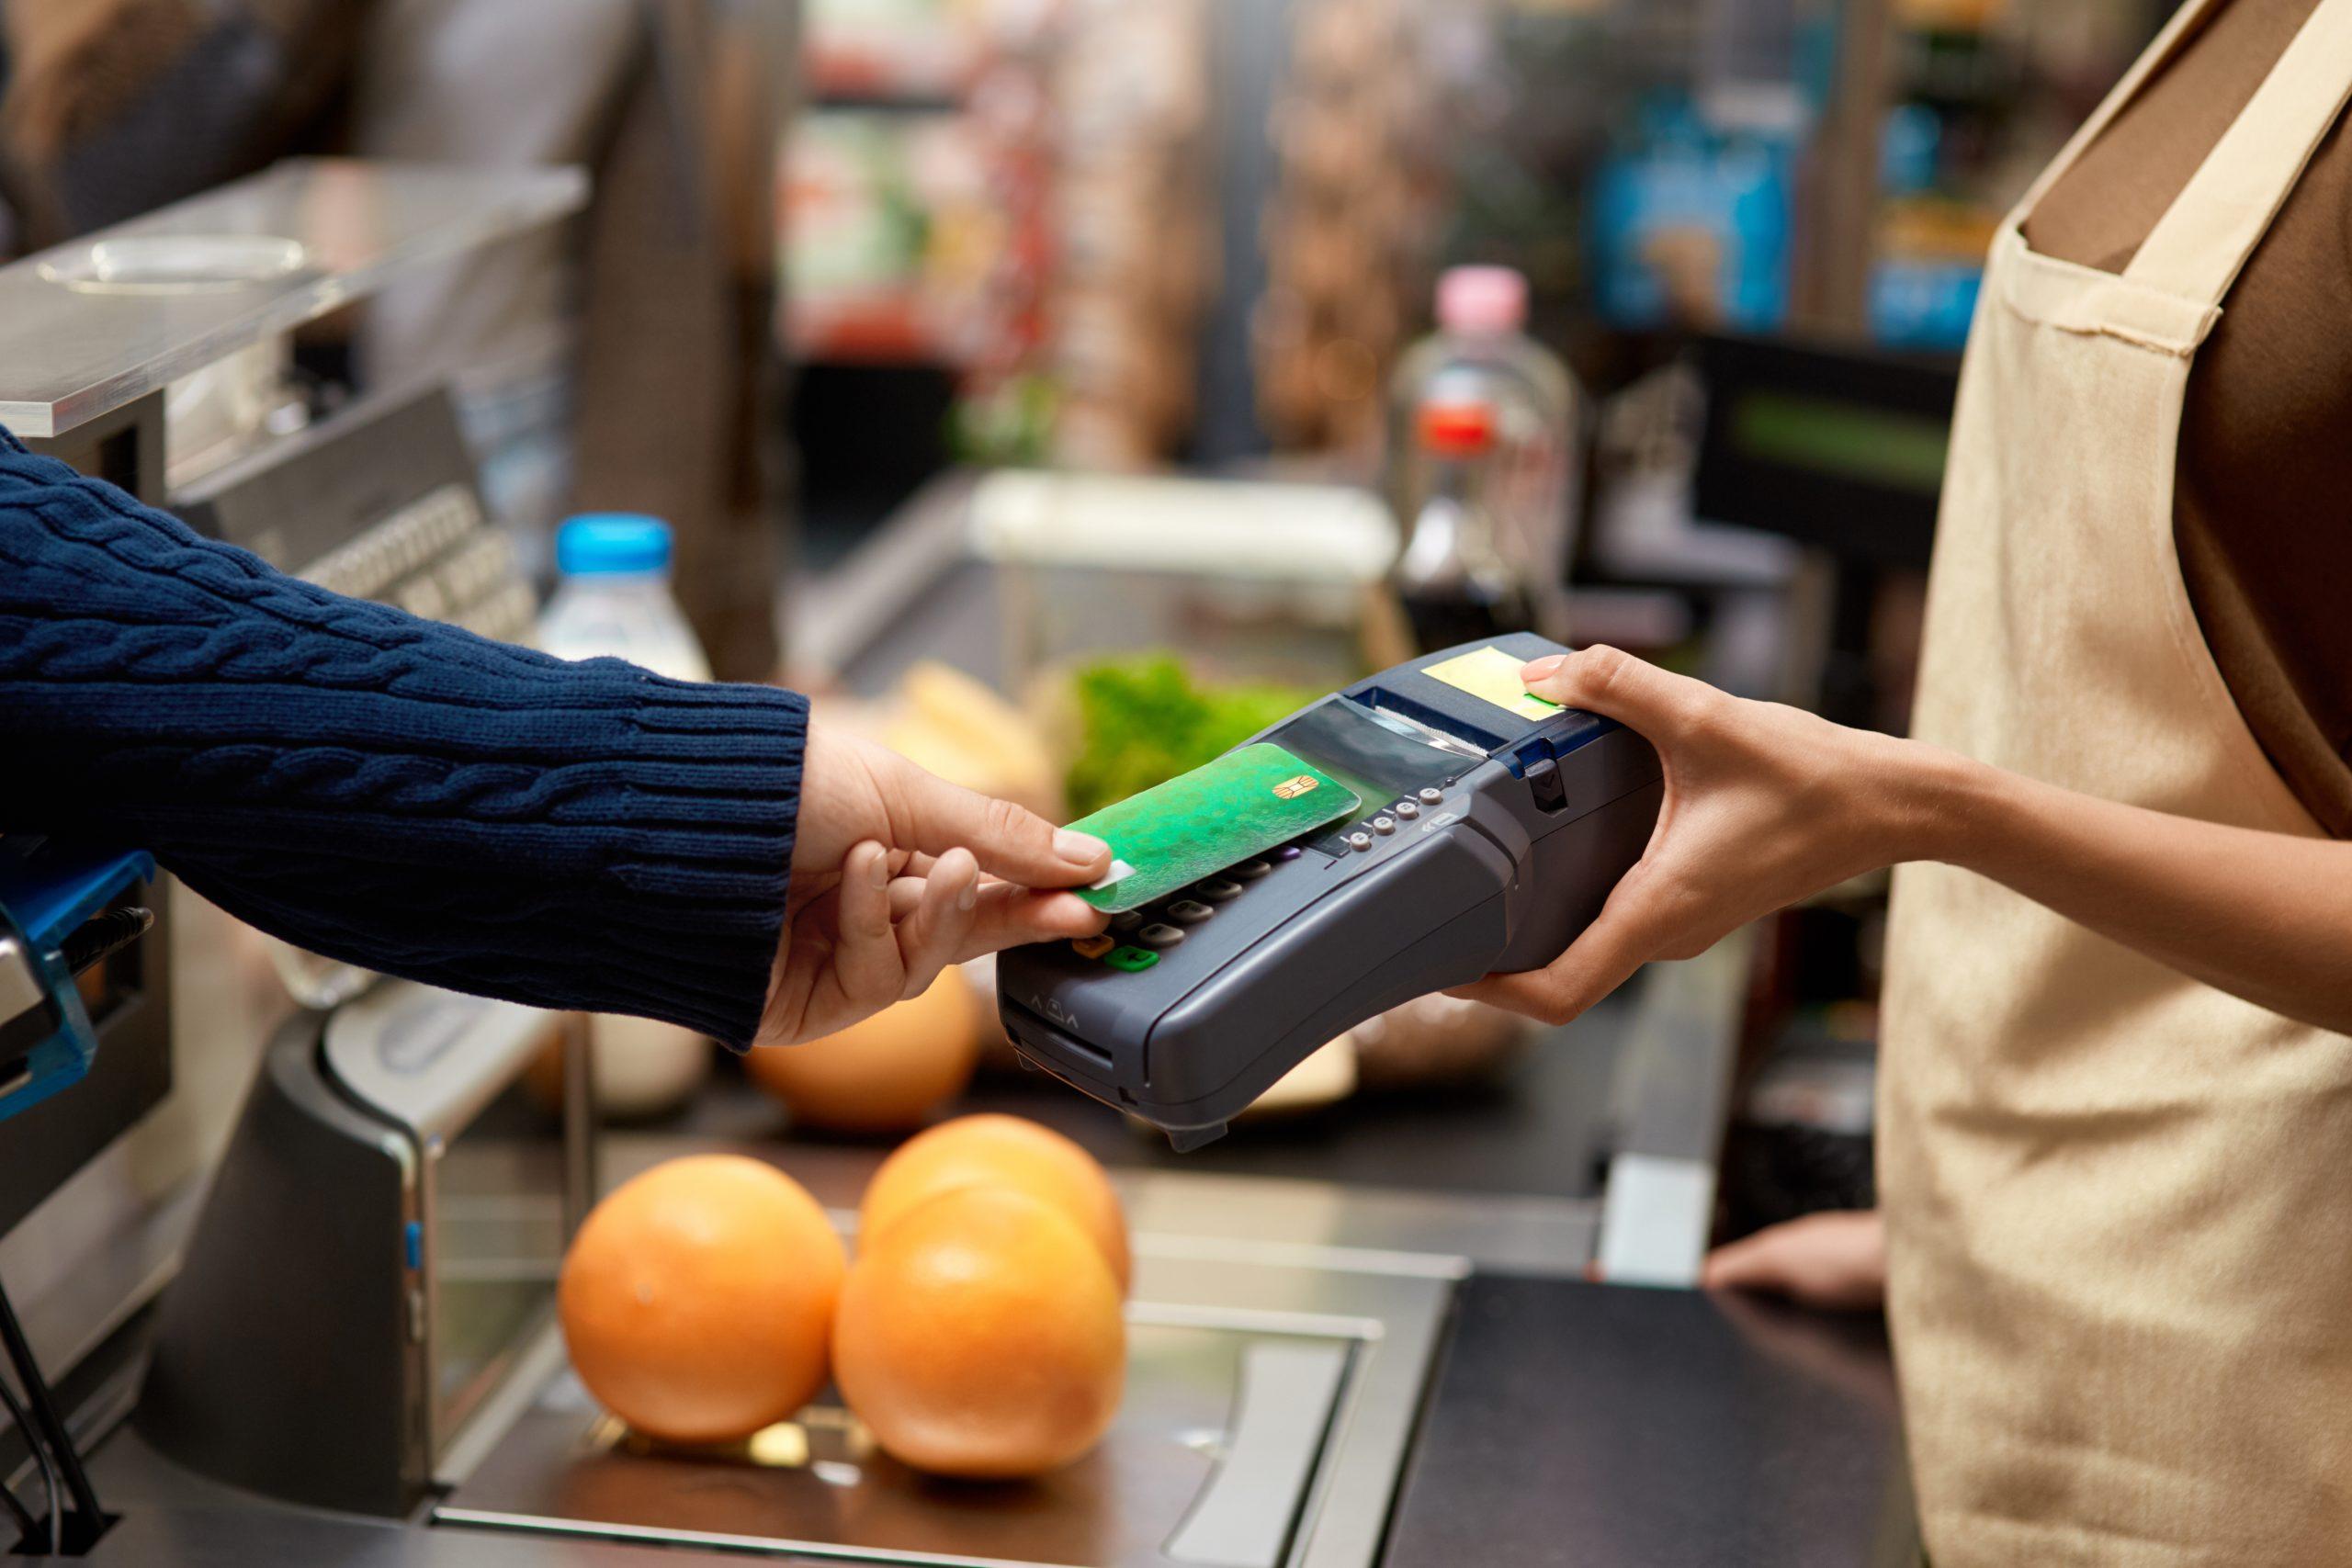 Pandemie beschleunigt bargeldloses Bezahlen